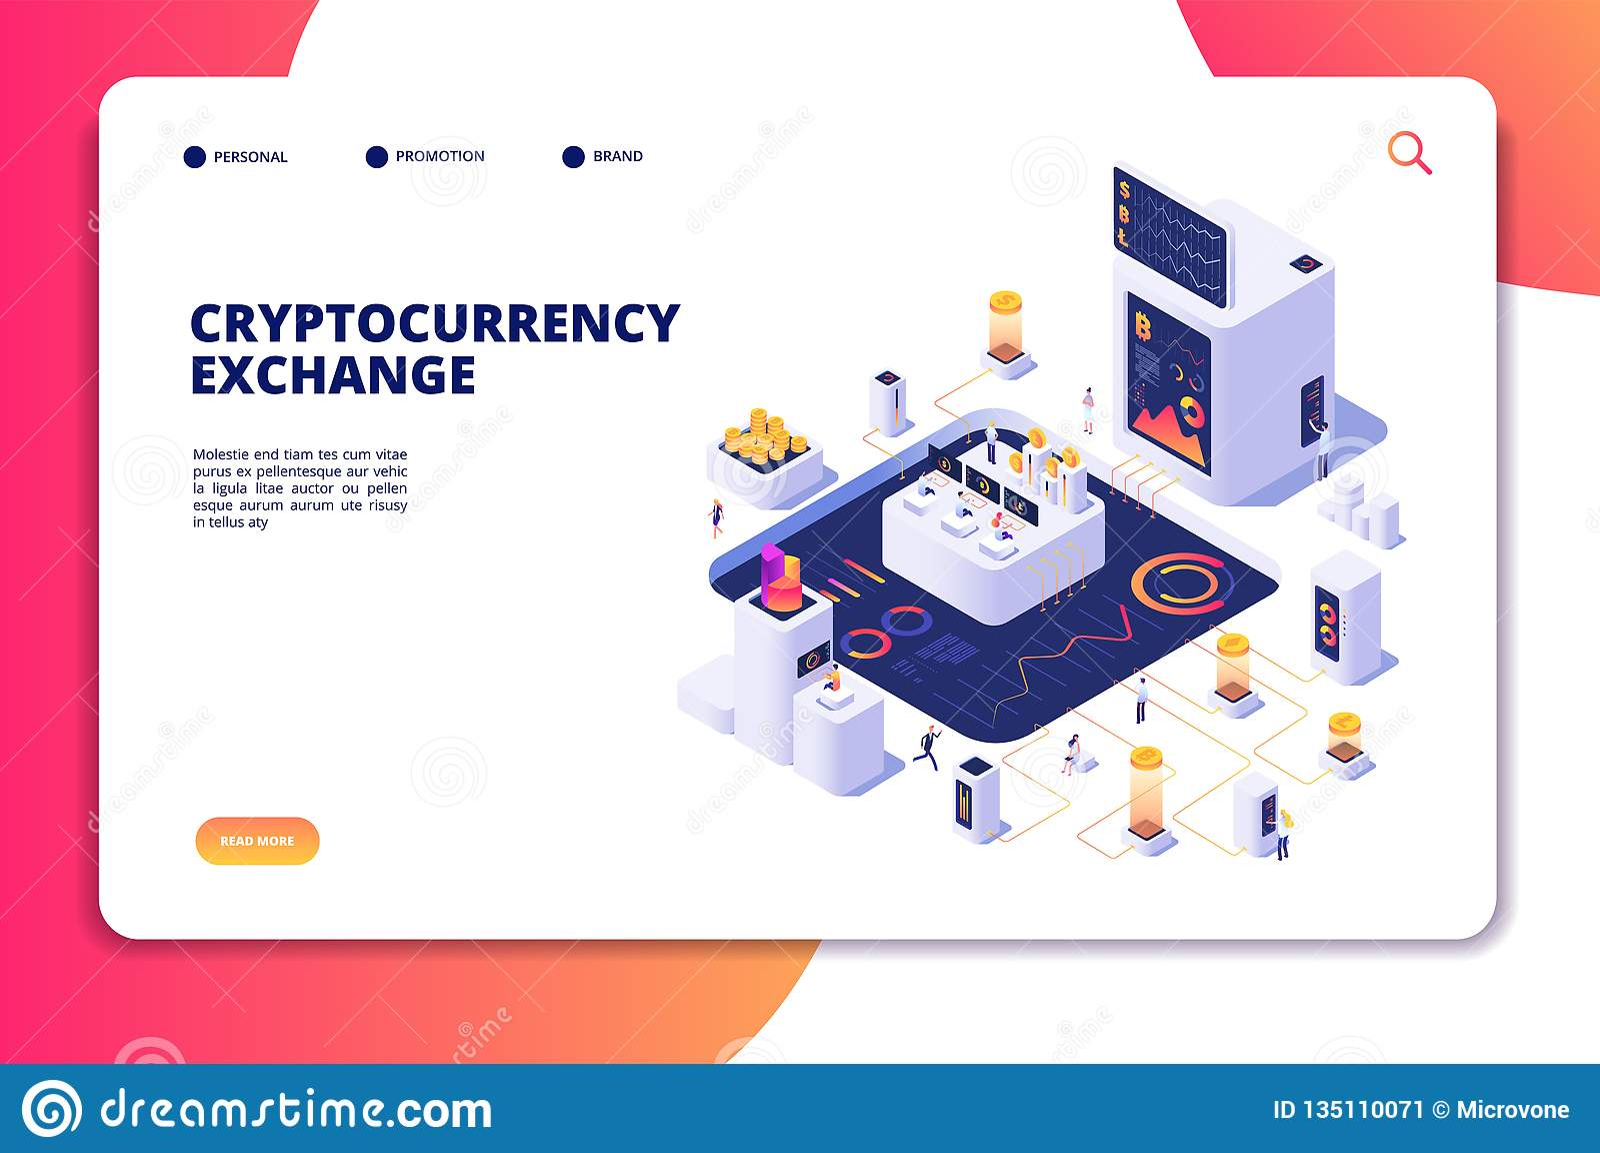 cryptocurrency exchange based exchange